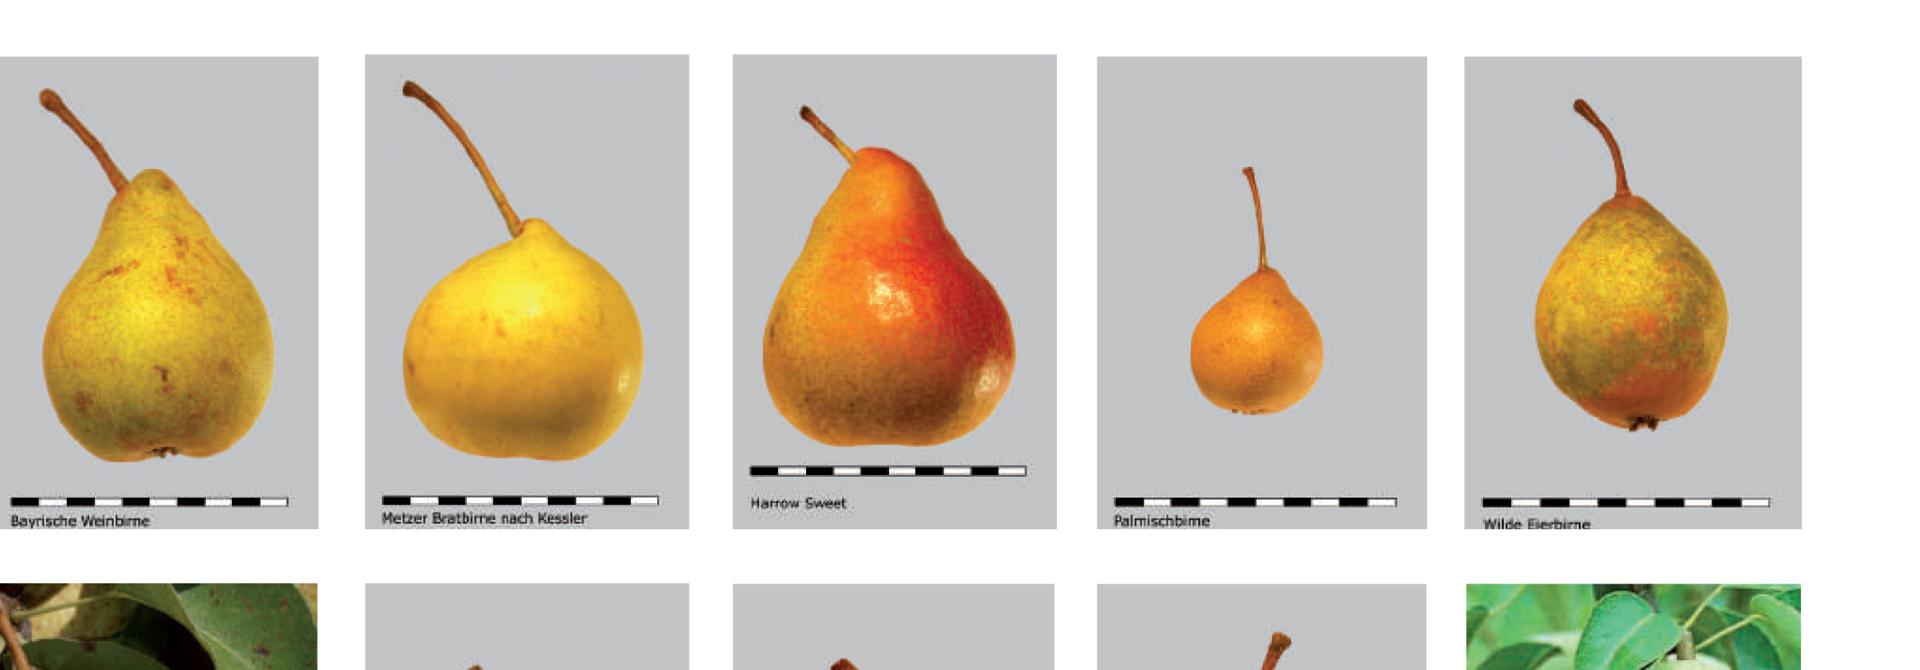 FRUCTUS-Sortenliste Feldobstbau: Robuste Birnensorten (2016)>